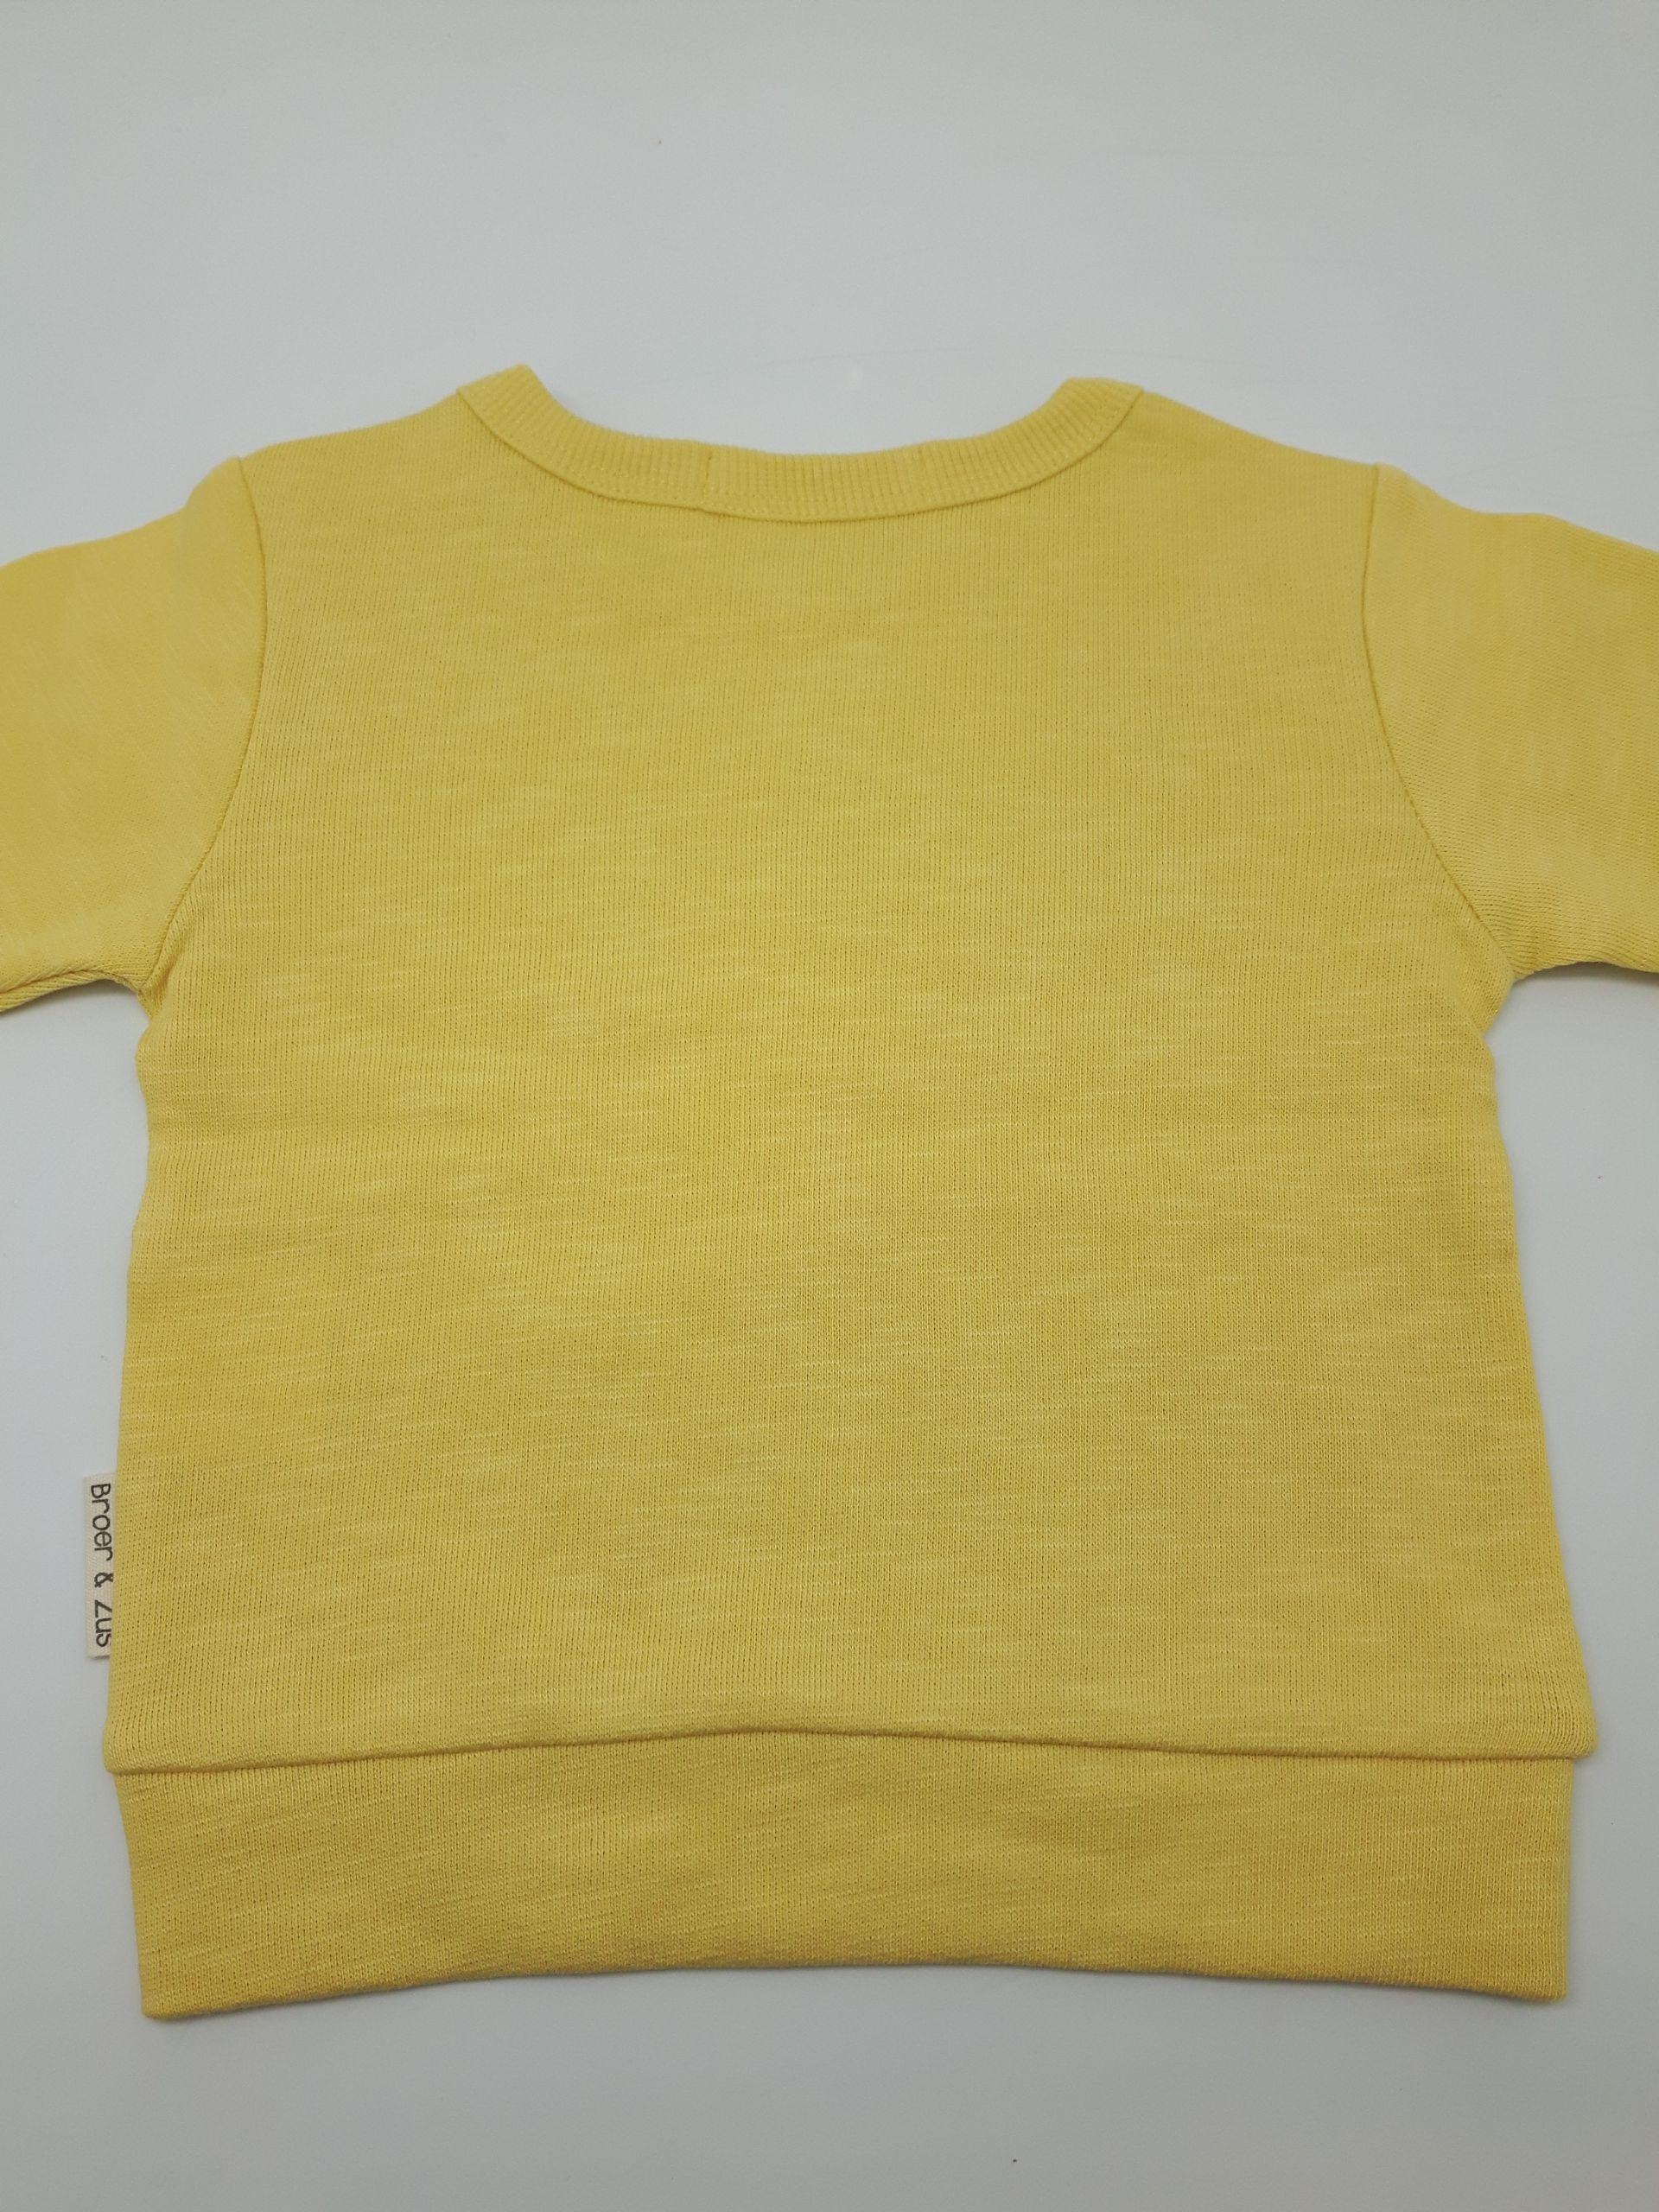 Sweater Utrecht Banana/Navy 6 maanden